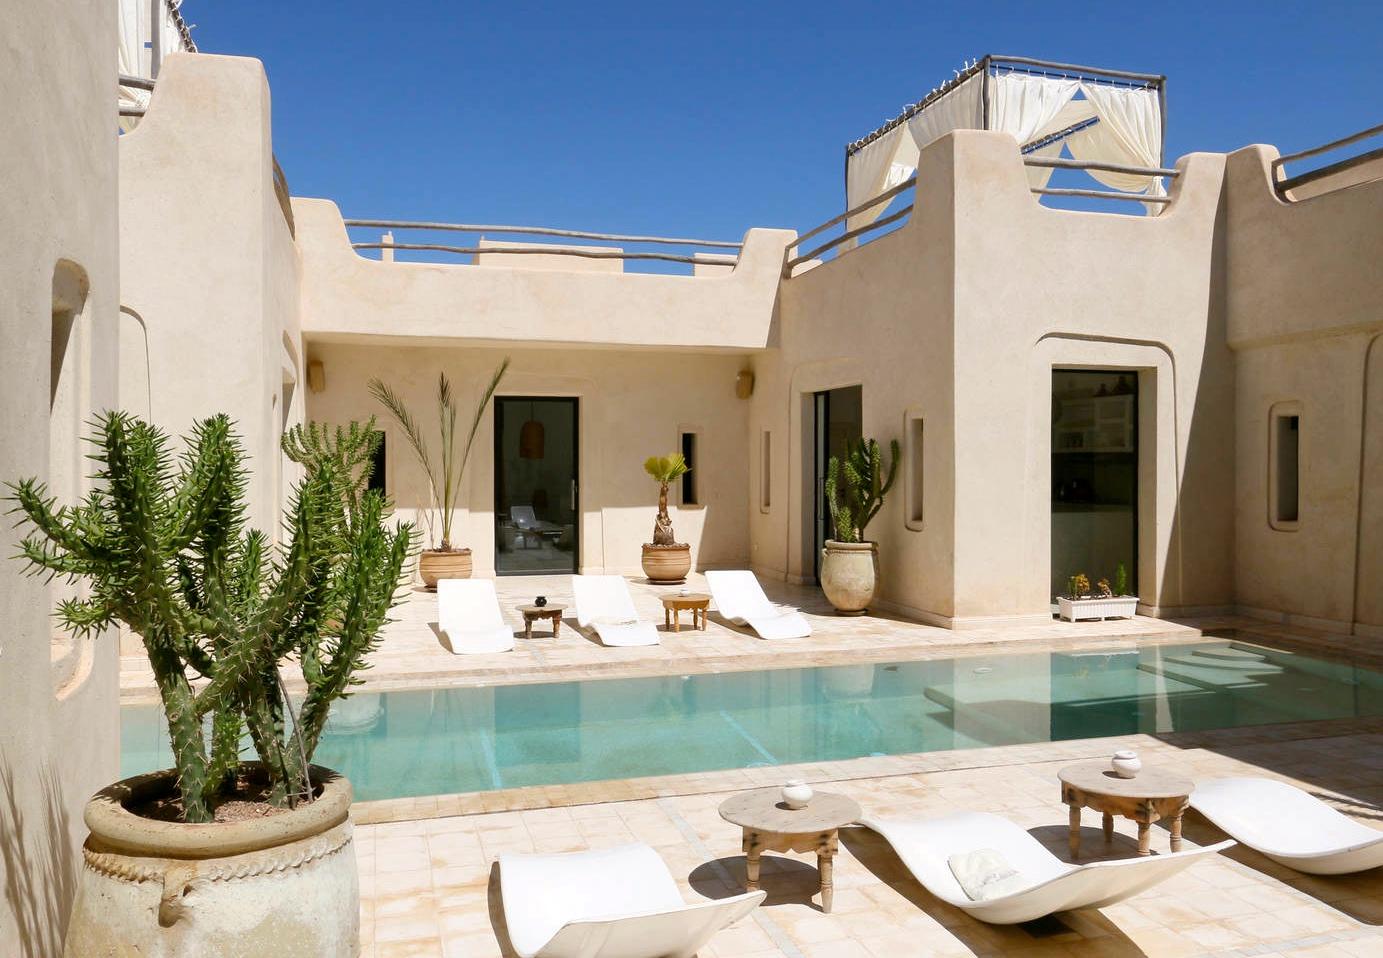 Location Villa Piscine Privée Marrakech - Bienailleurs ... encequiconcerne Location Maison De Vacances Avec Piscine Privée